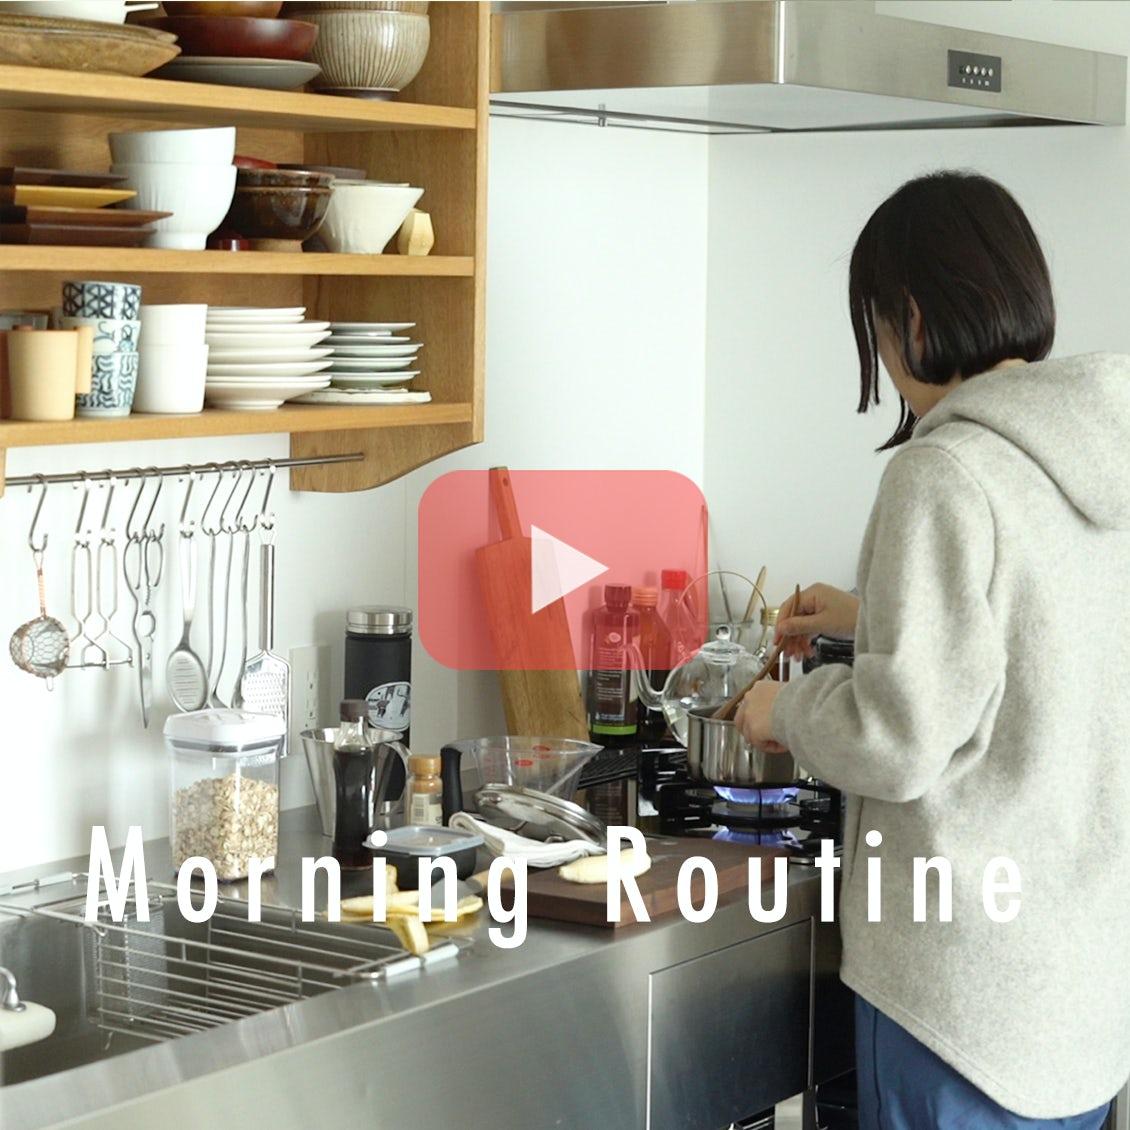 【わたしの朝習慣】必要最低限で無駄なく過ごす。ルーティンから見直す、すっきり暮らし